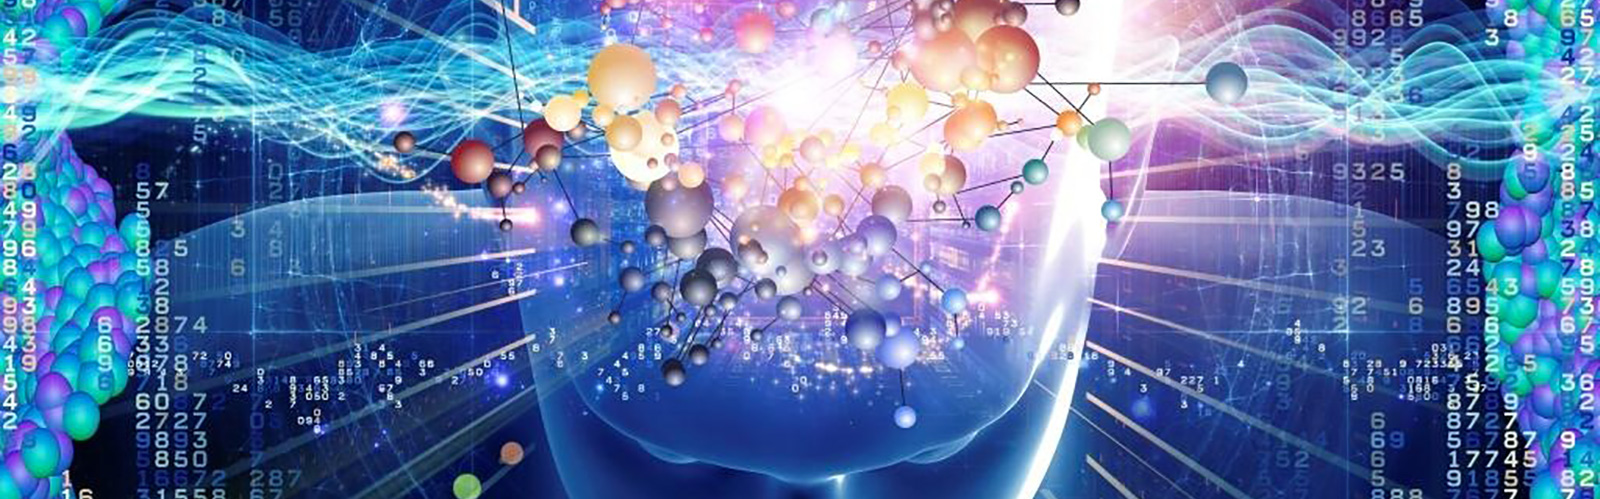 Cos'è la visualizzazione mentale?